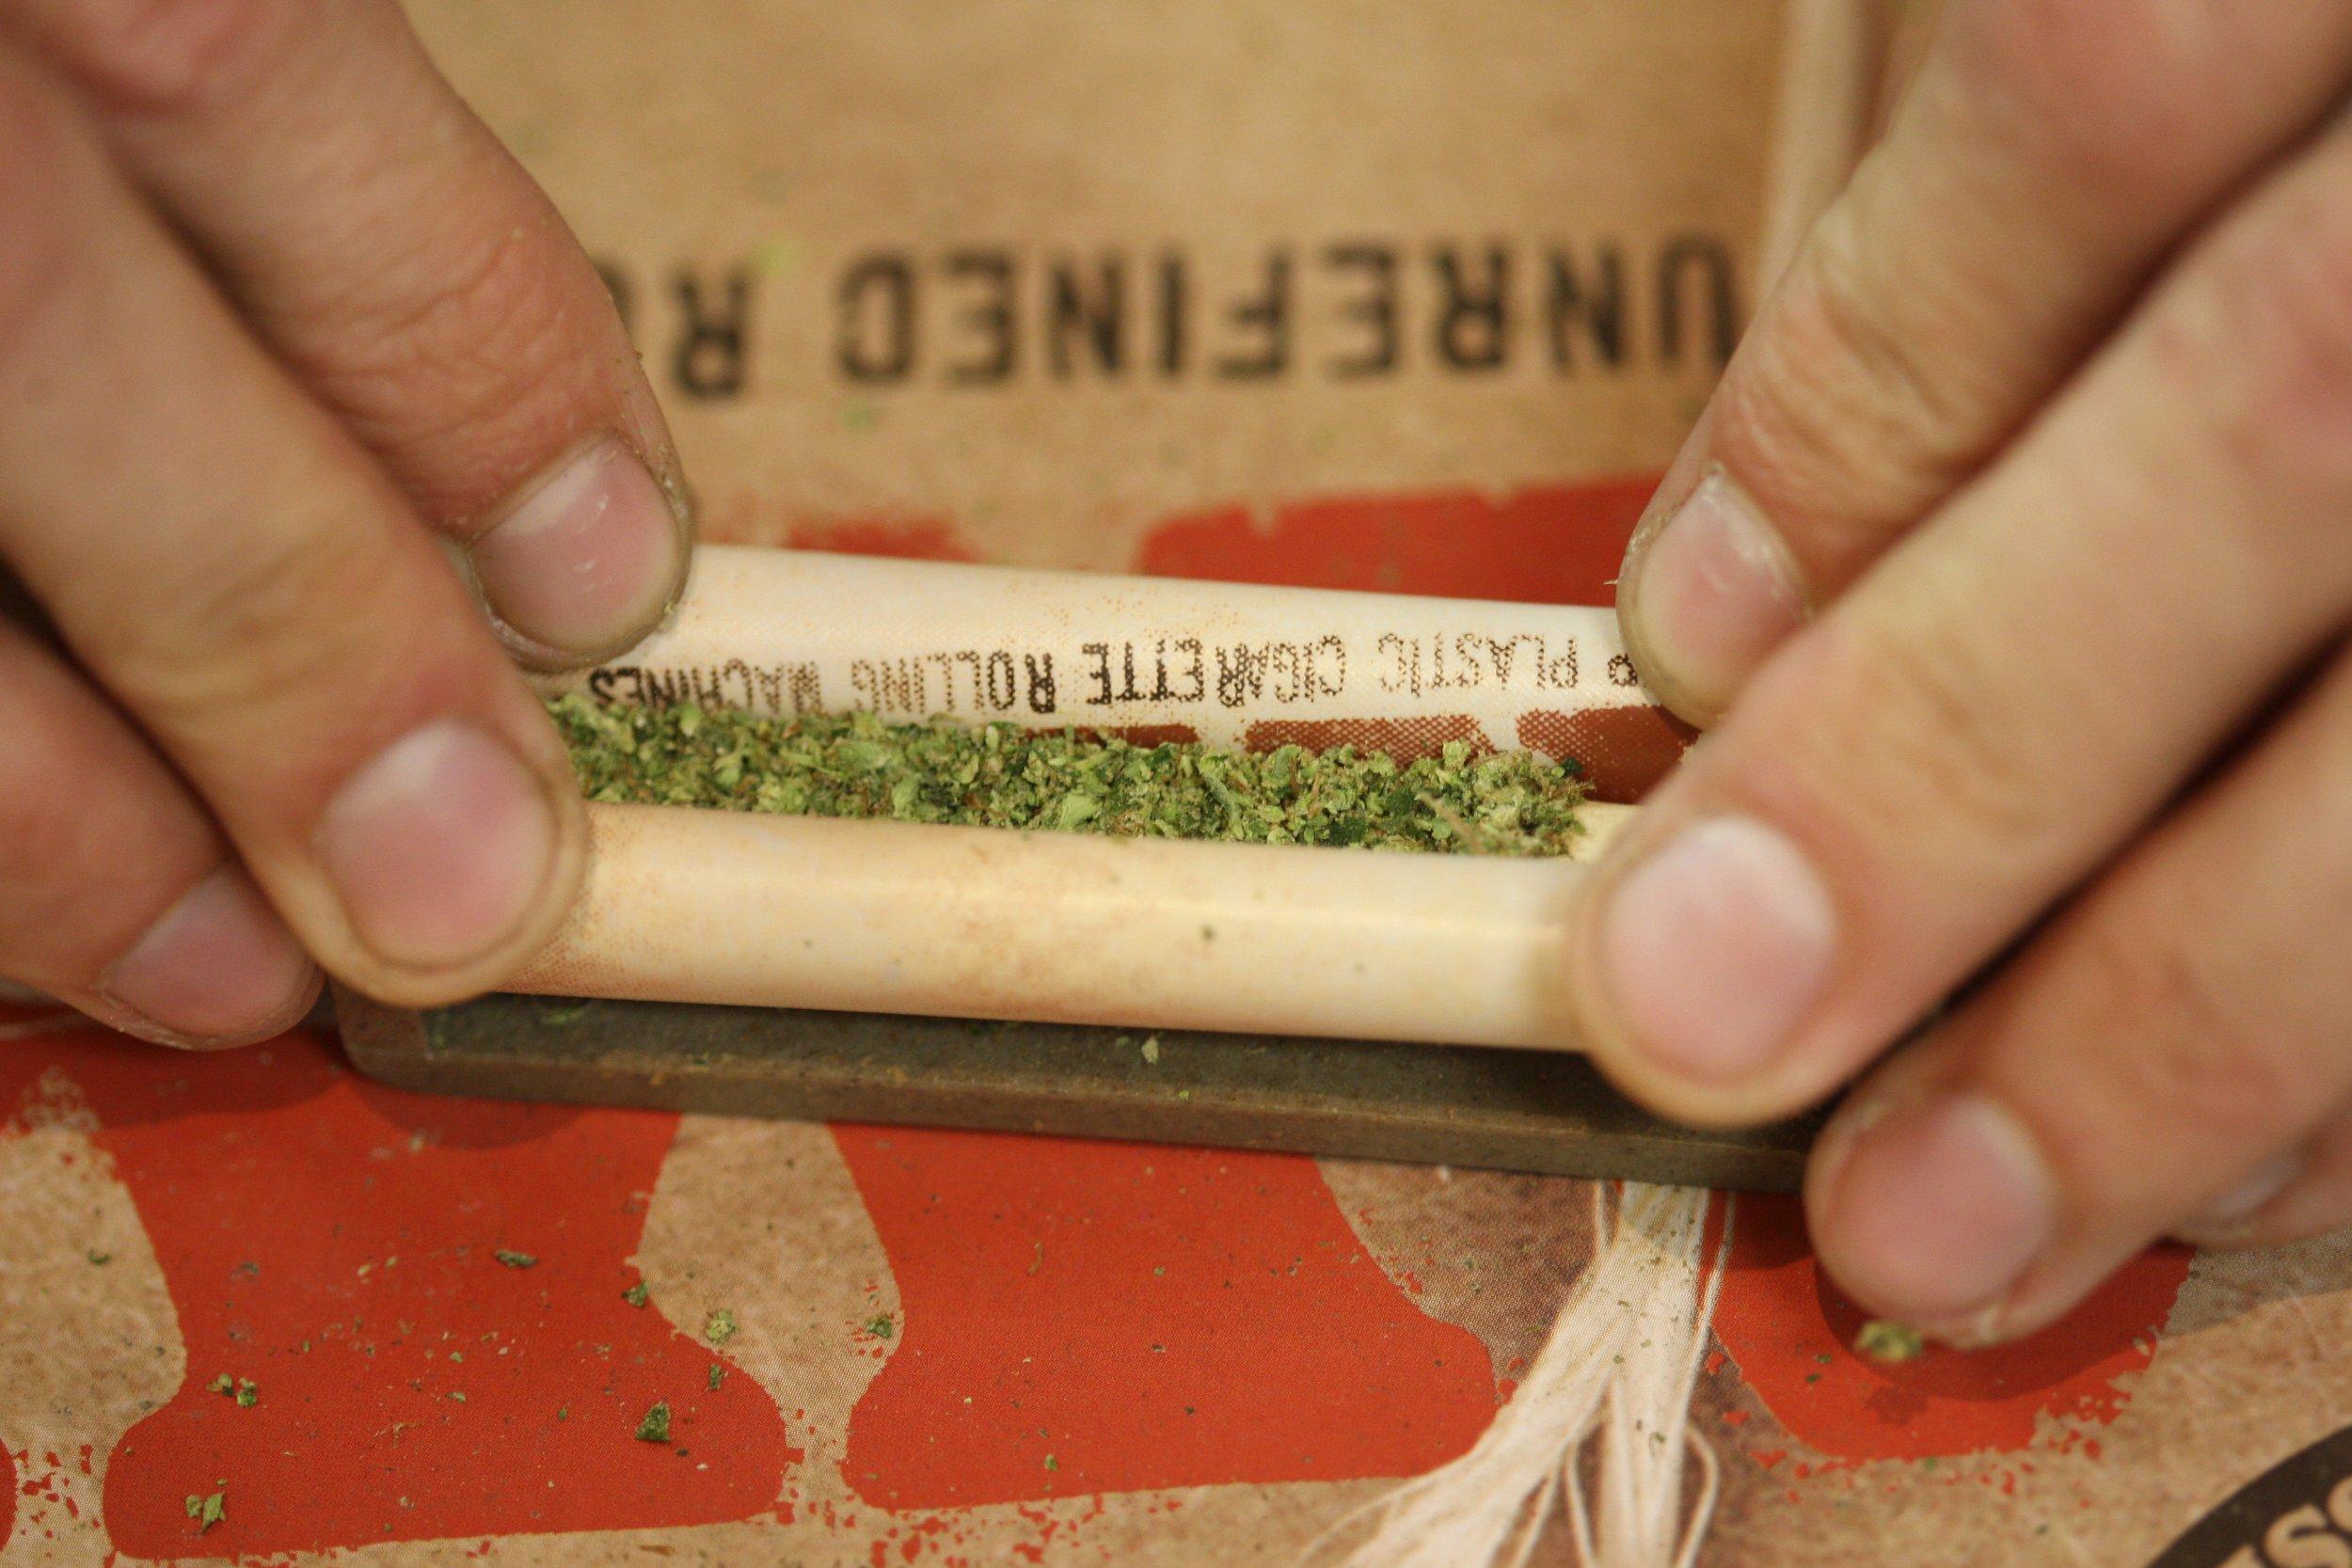 medical marijuana super bowl commercial cbs